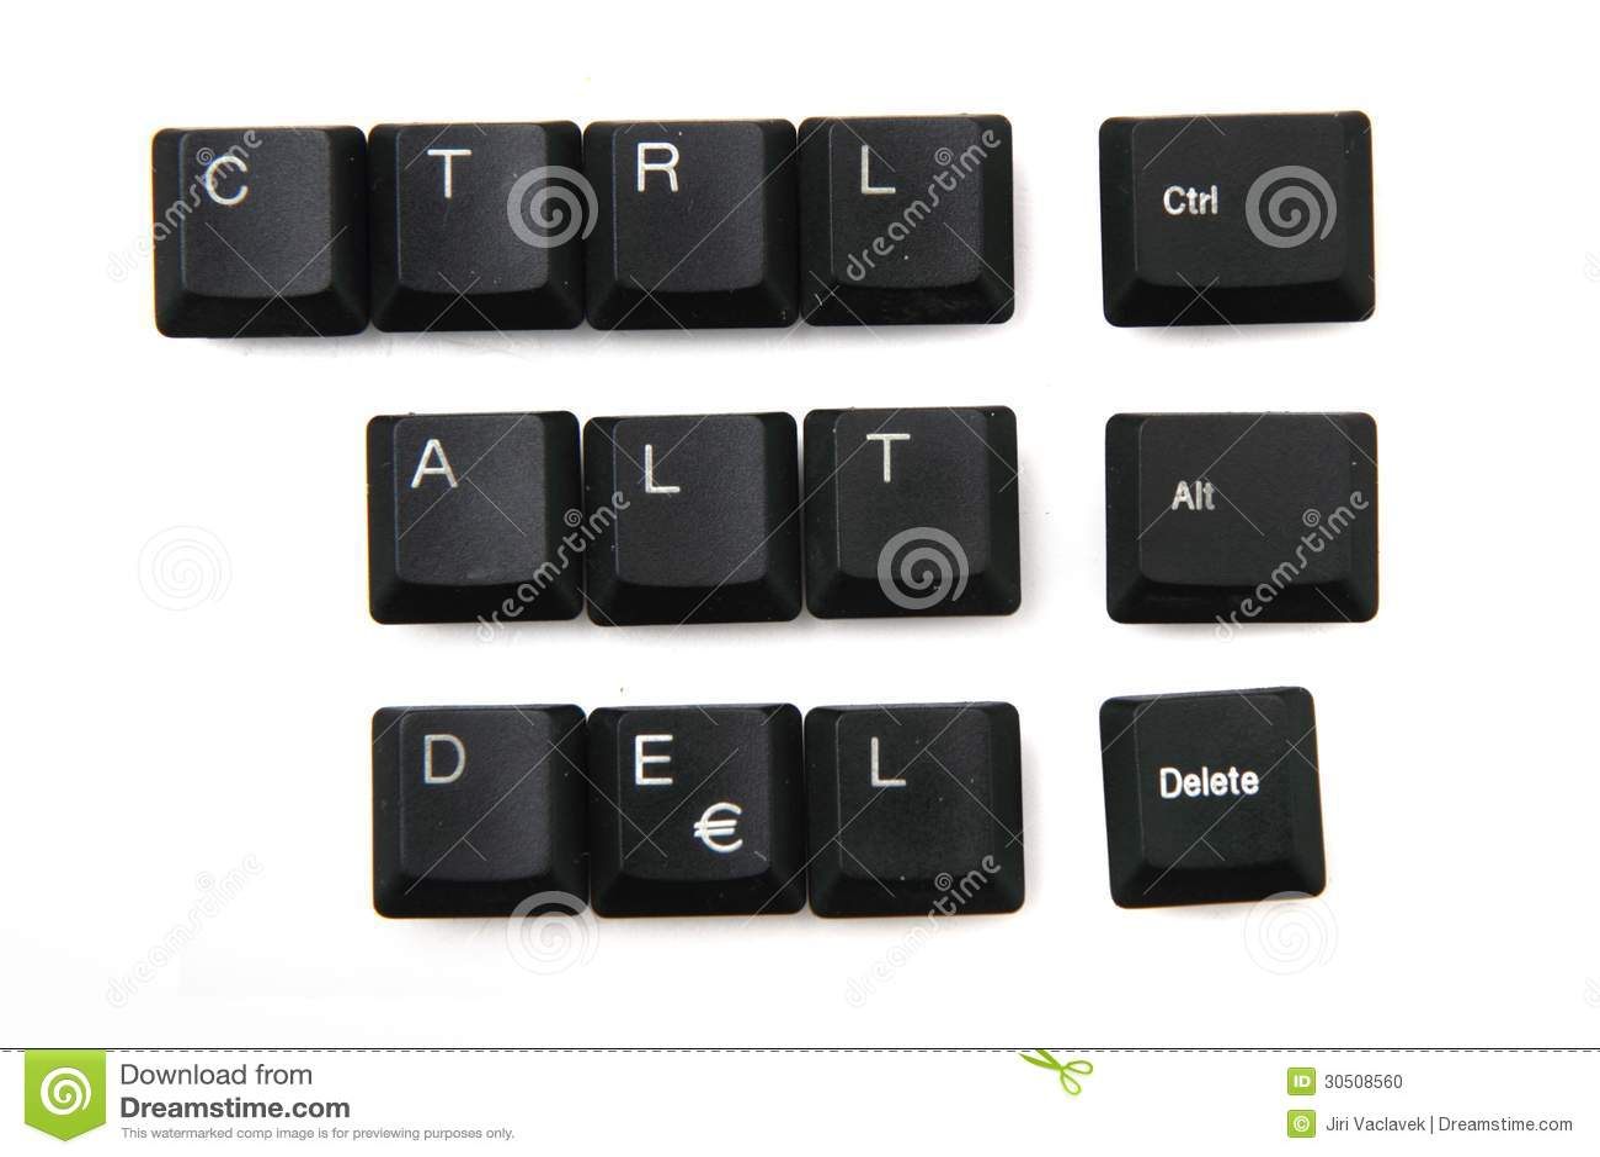 how to delete using ctrl